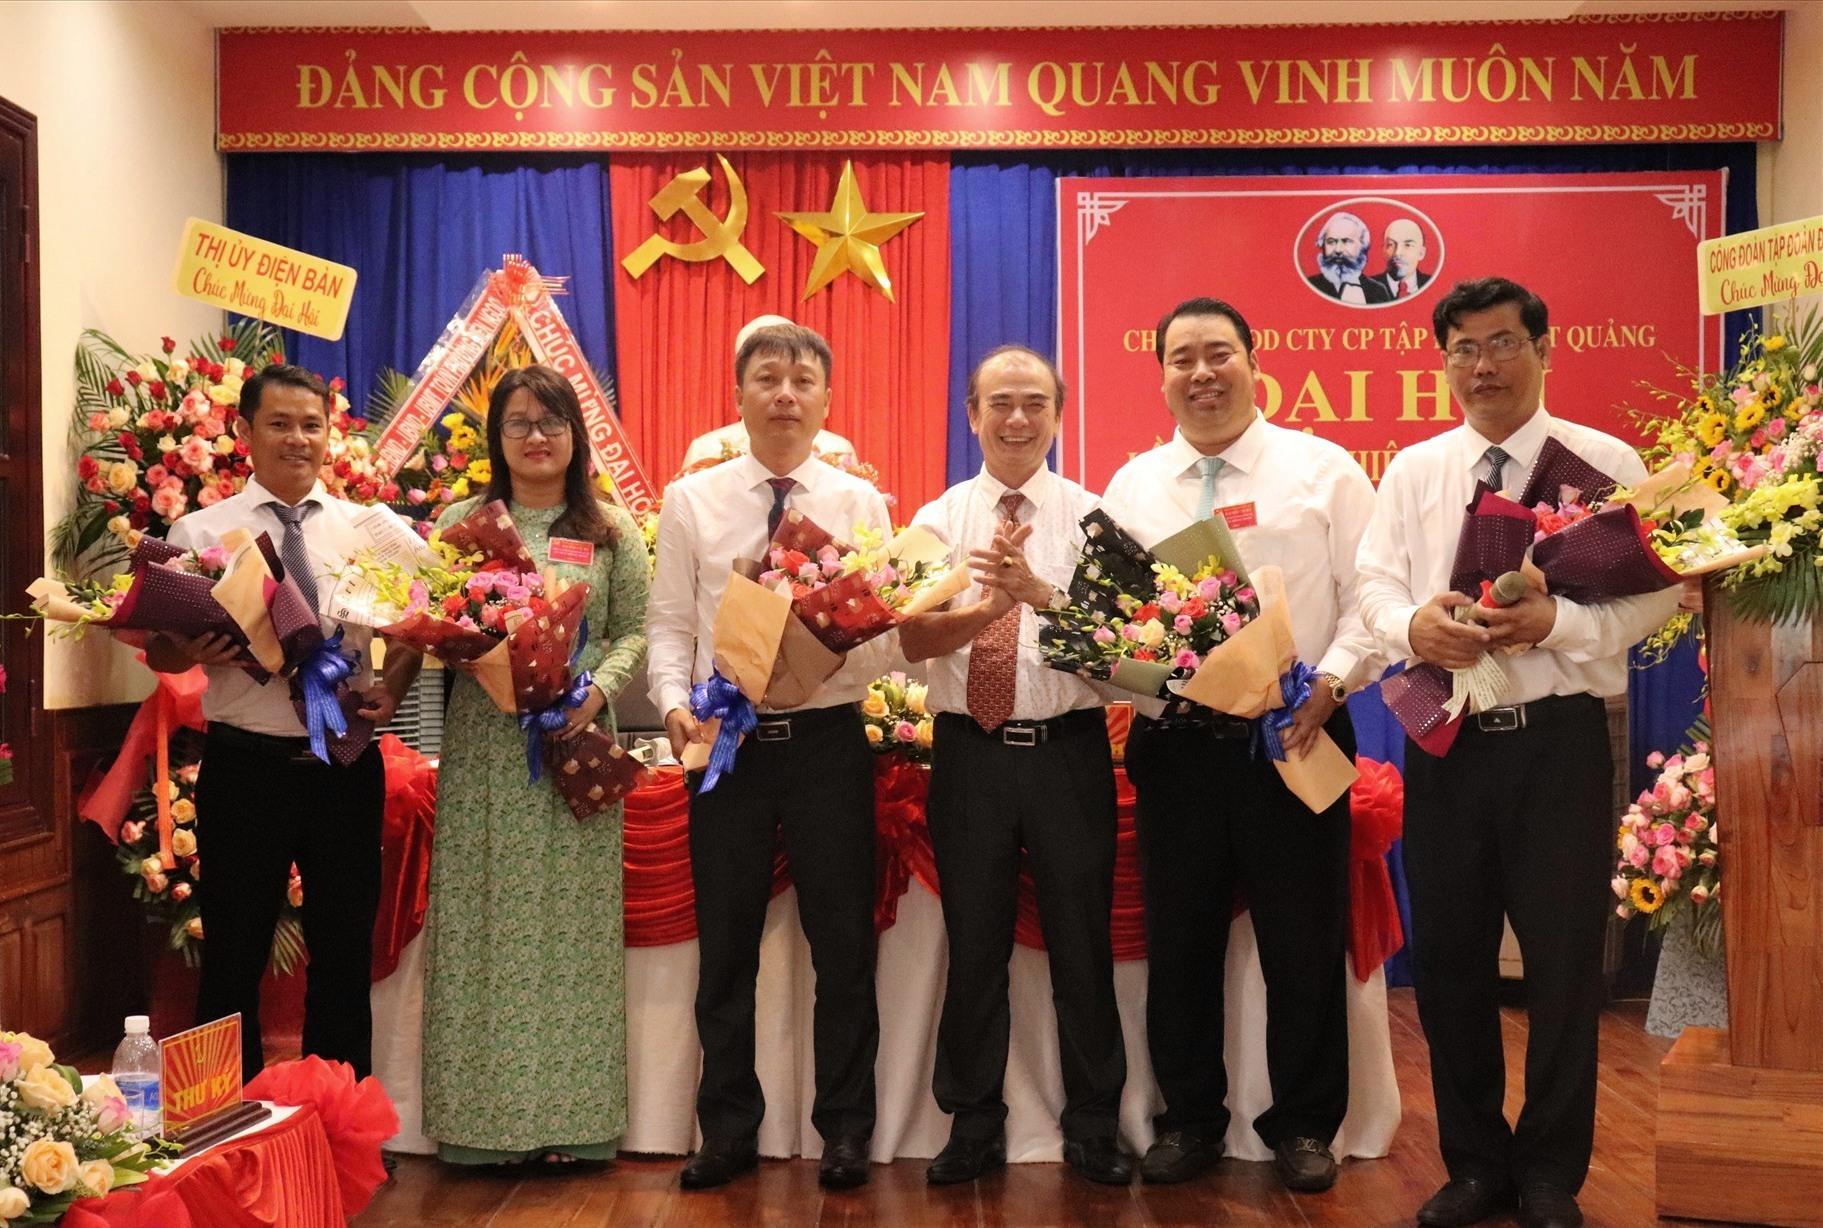 ông Nguyễn Viết Dũng - Chủ tịch HĐQT Tập đoàn Đất Quảng (thứ 2 từ phải sang) tiếp tục tái cử Bí thư Chi bộ Văn phòng đại diện của công ty